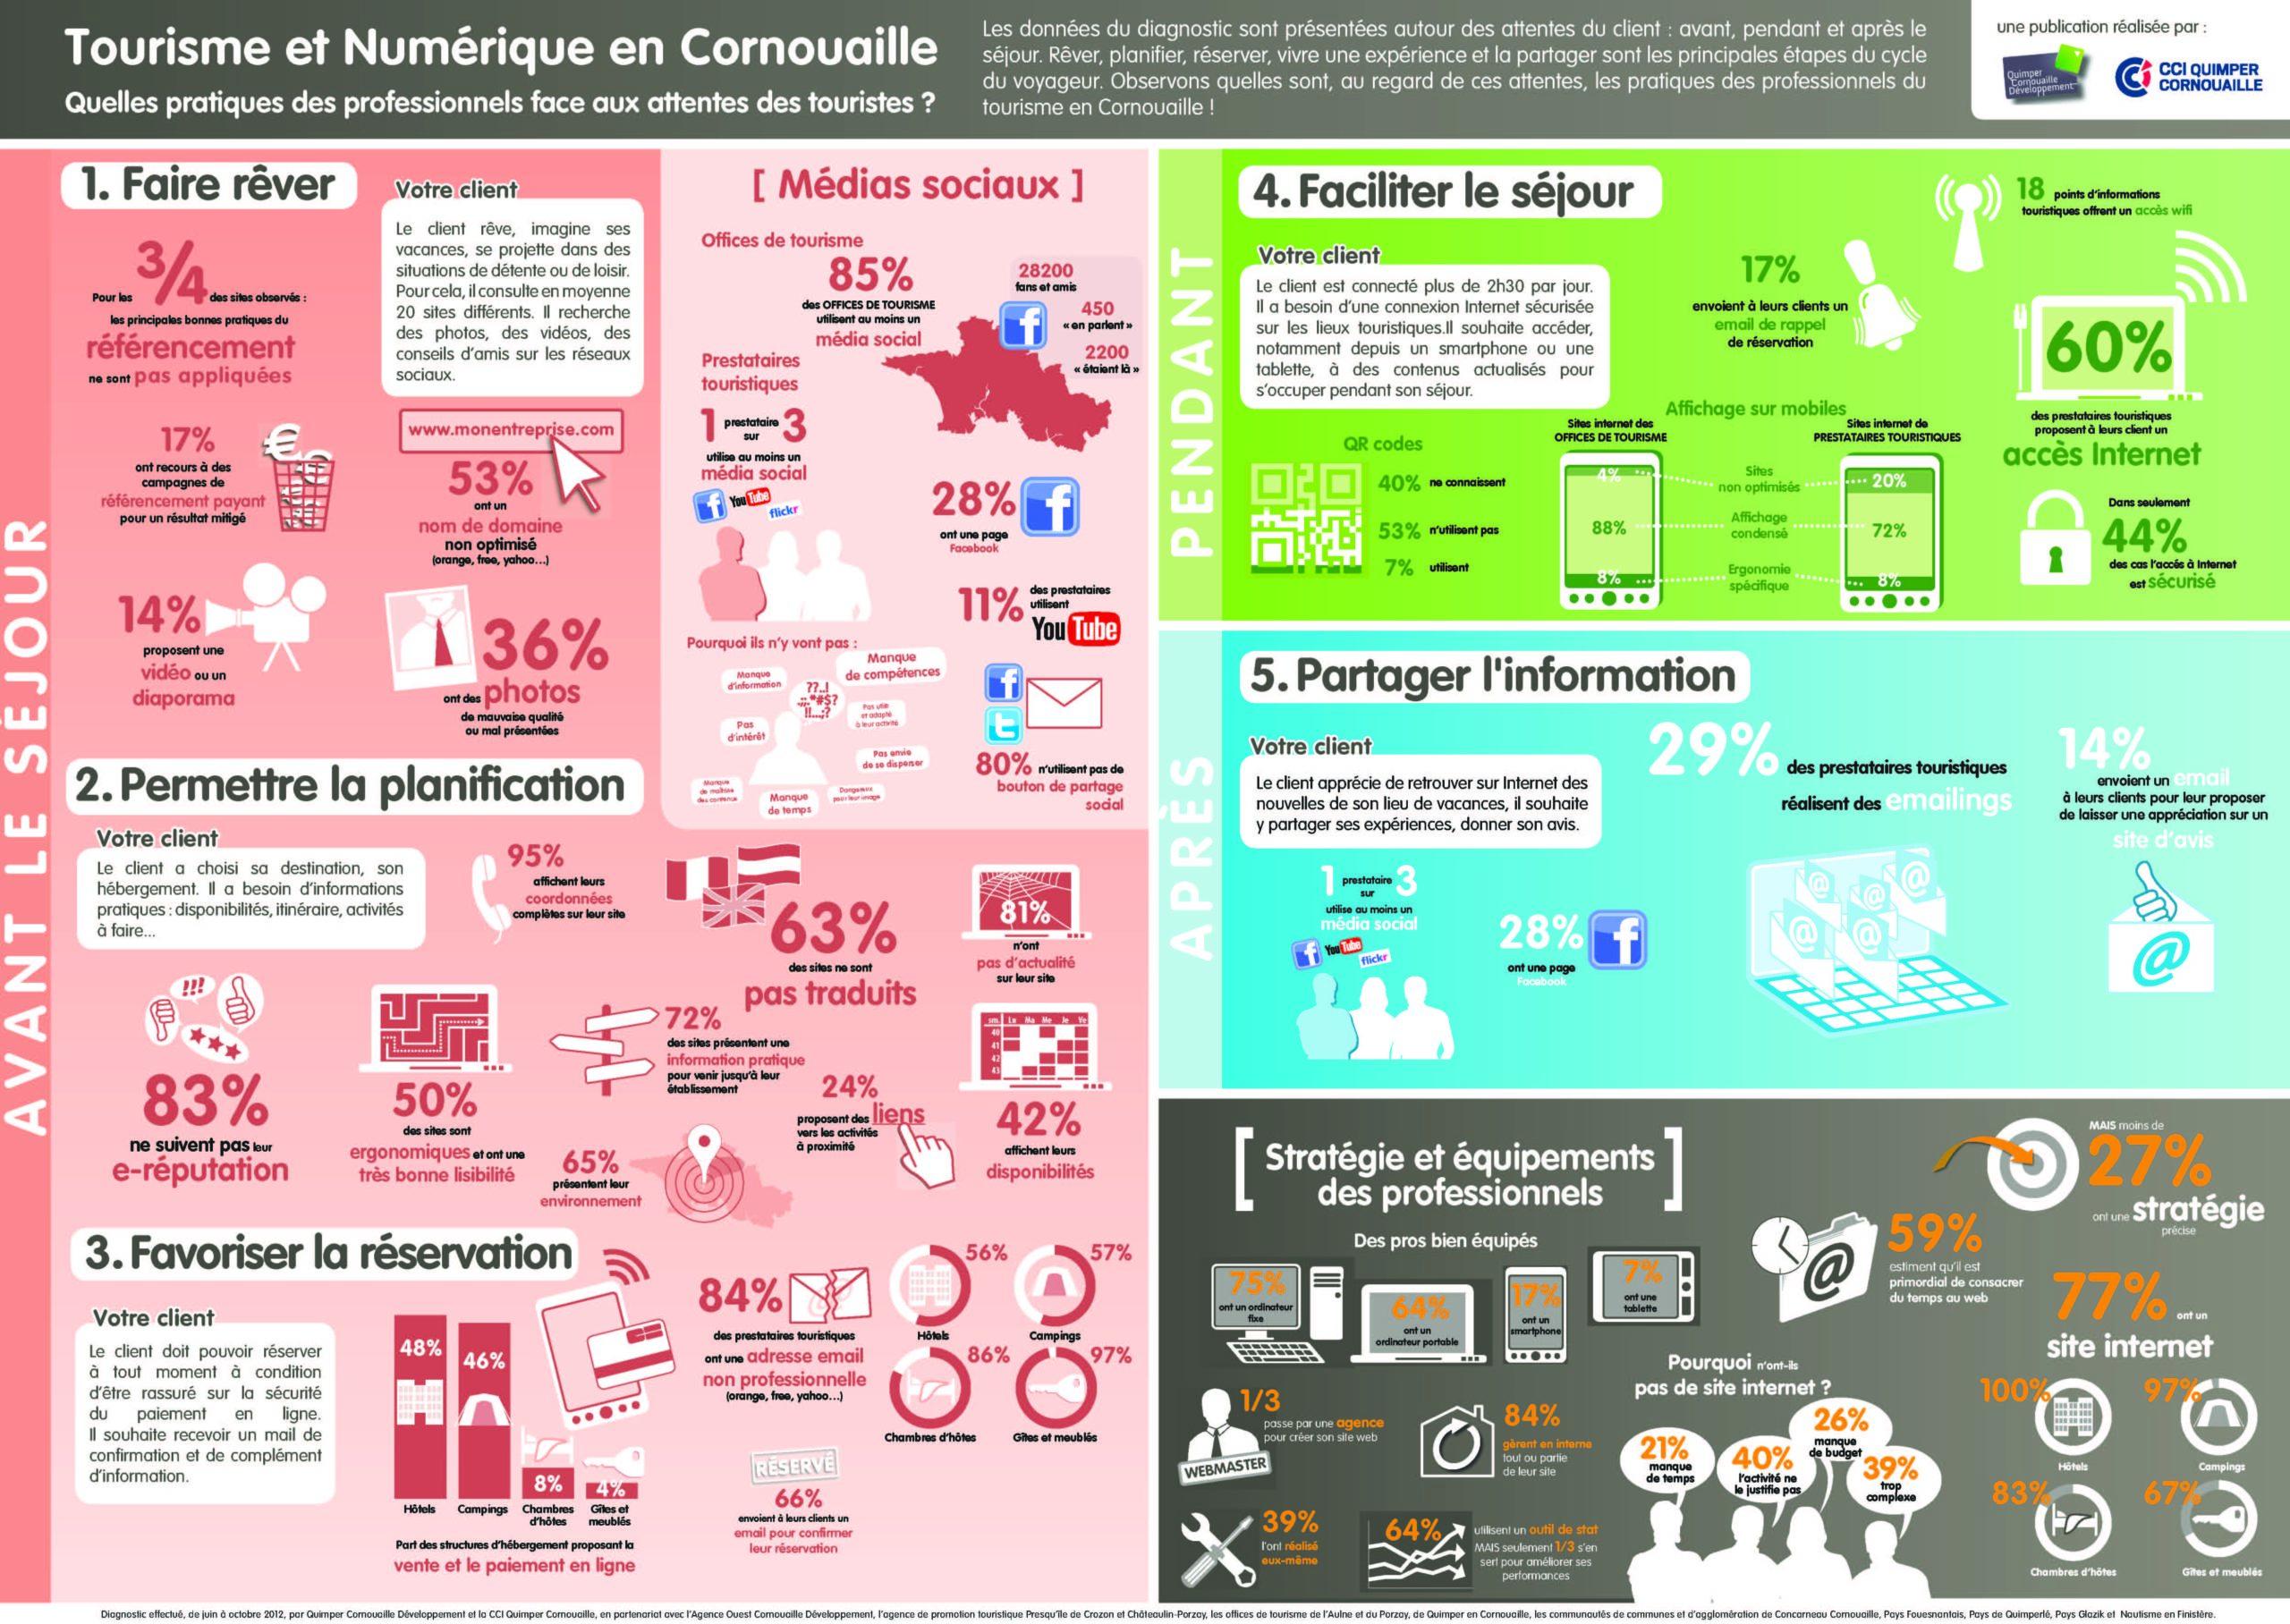 Diagnostic tourisme et numérique en Cornouaille - journée du 15 novembre 2012